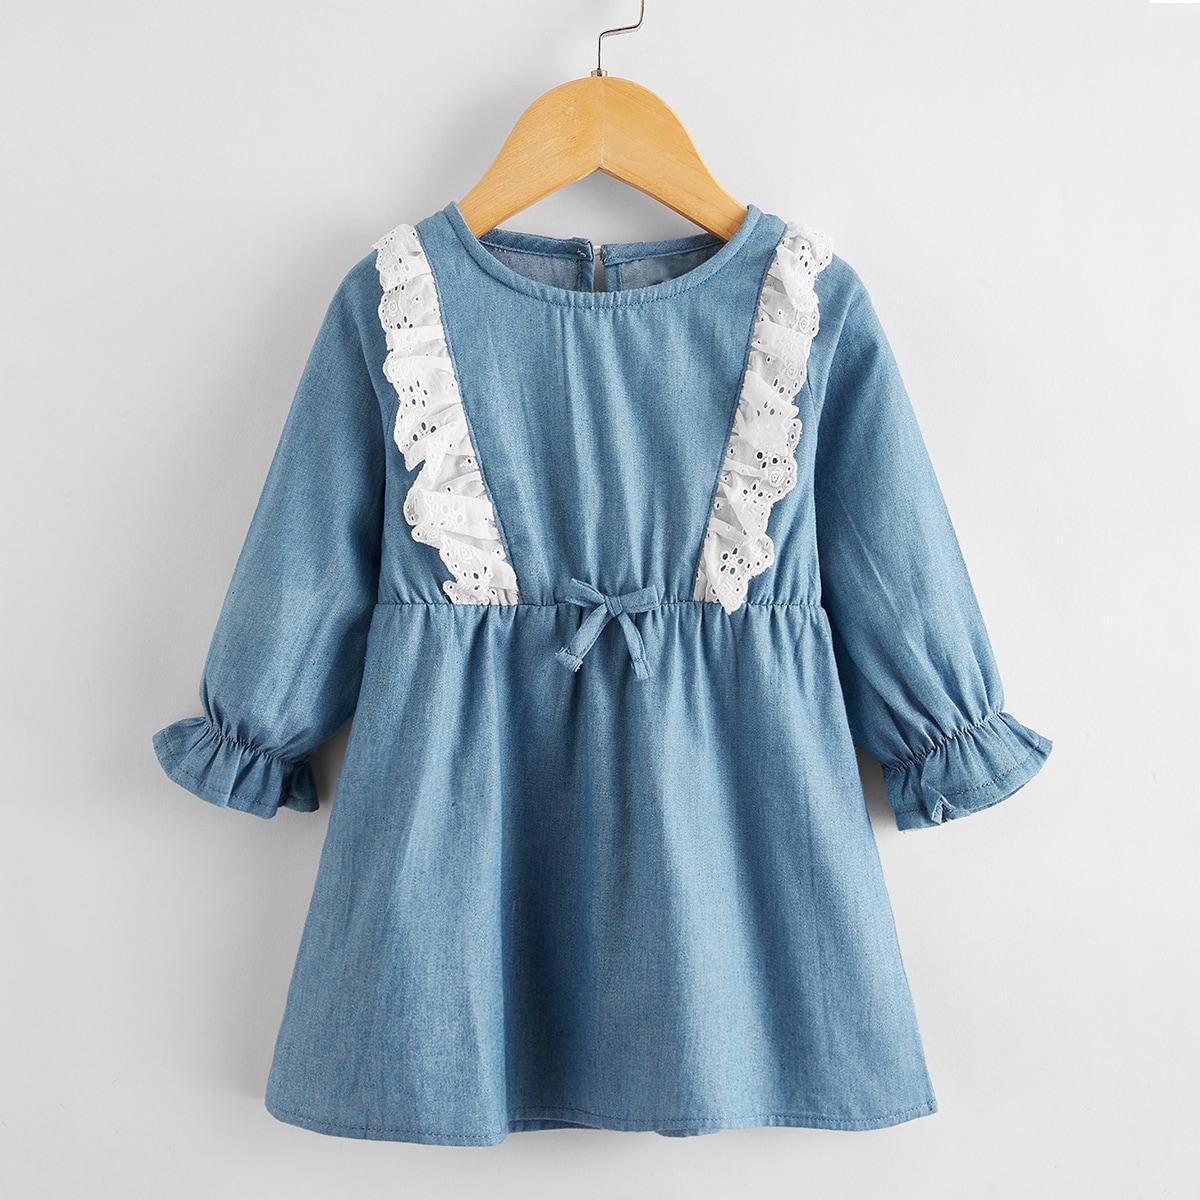 Джинсовое платье с бантом и ажурной вышивкой для девочек от SHEIN